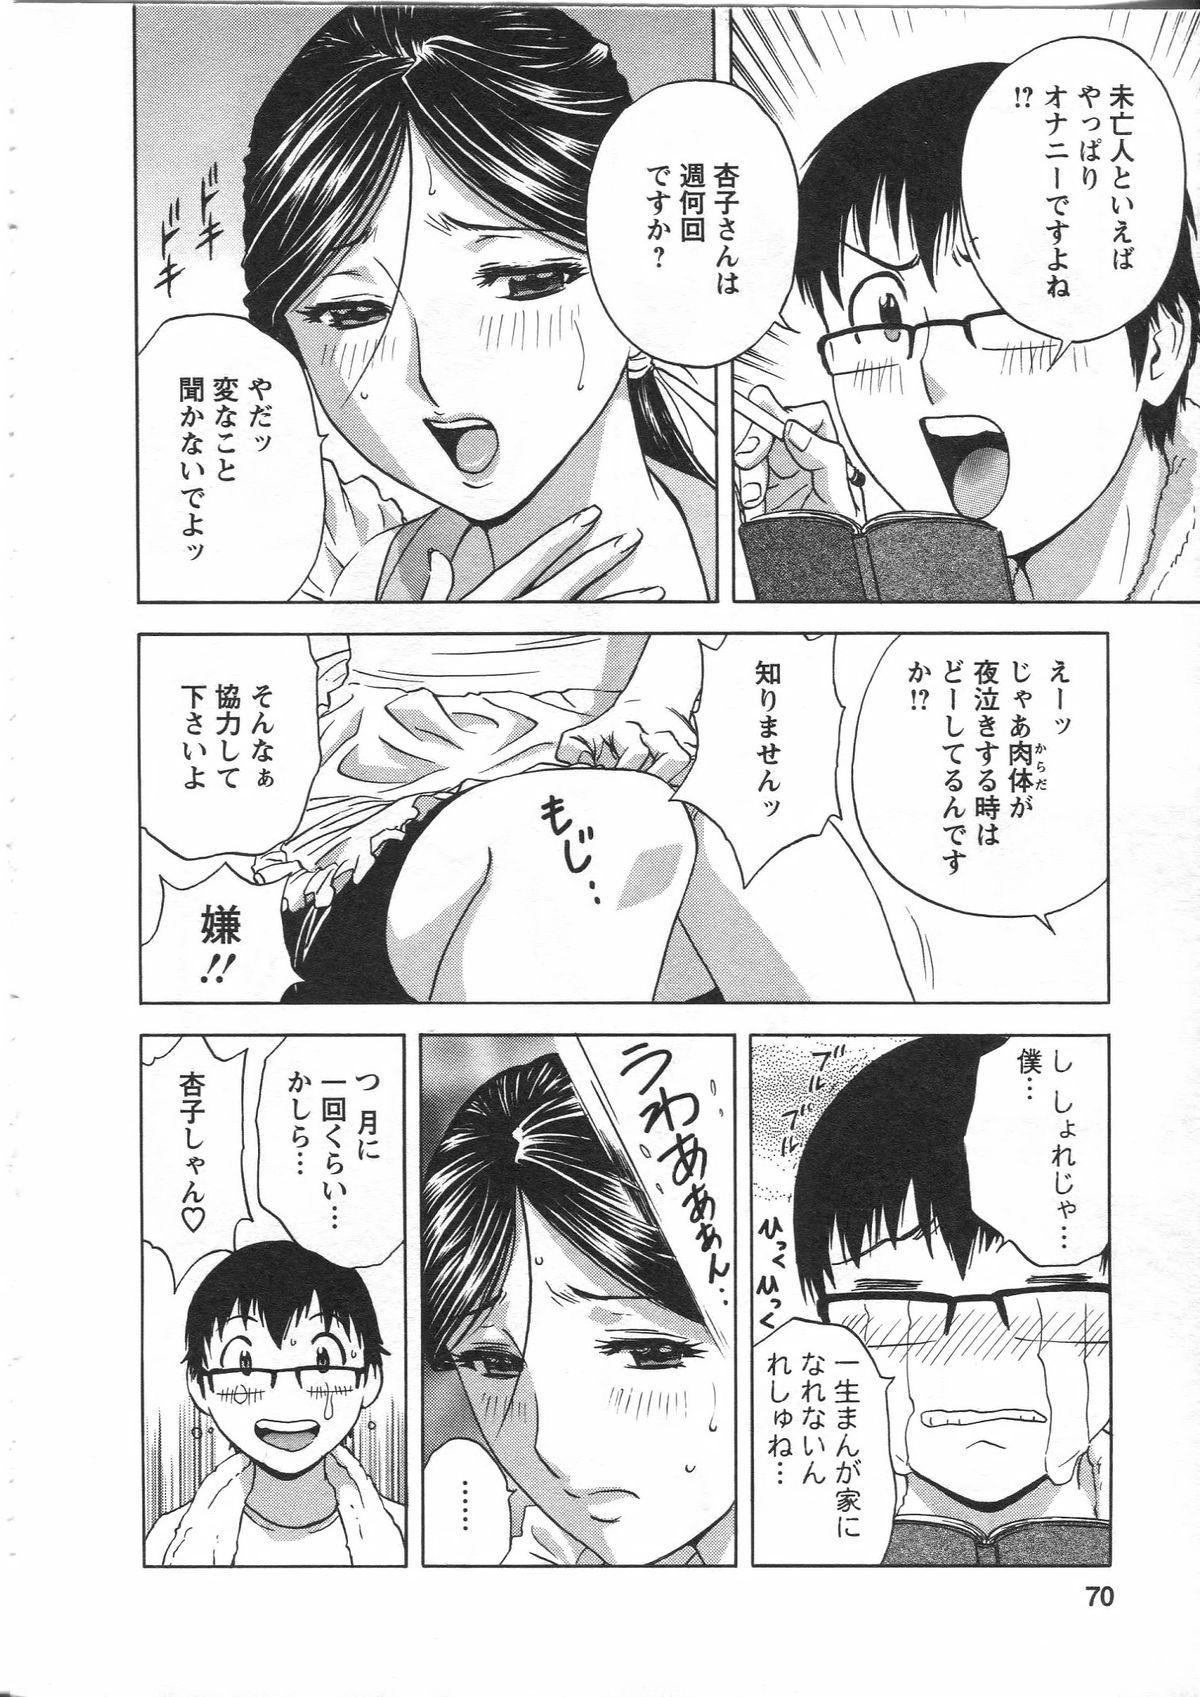 Manga no youna Hitozuma to no Hibi - Days with Married Women such as Comics. 69